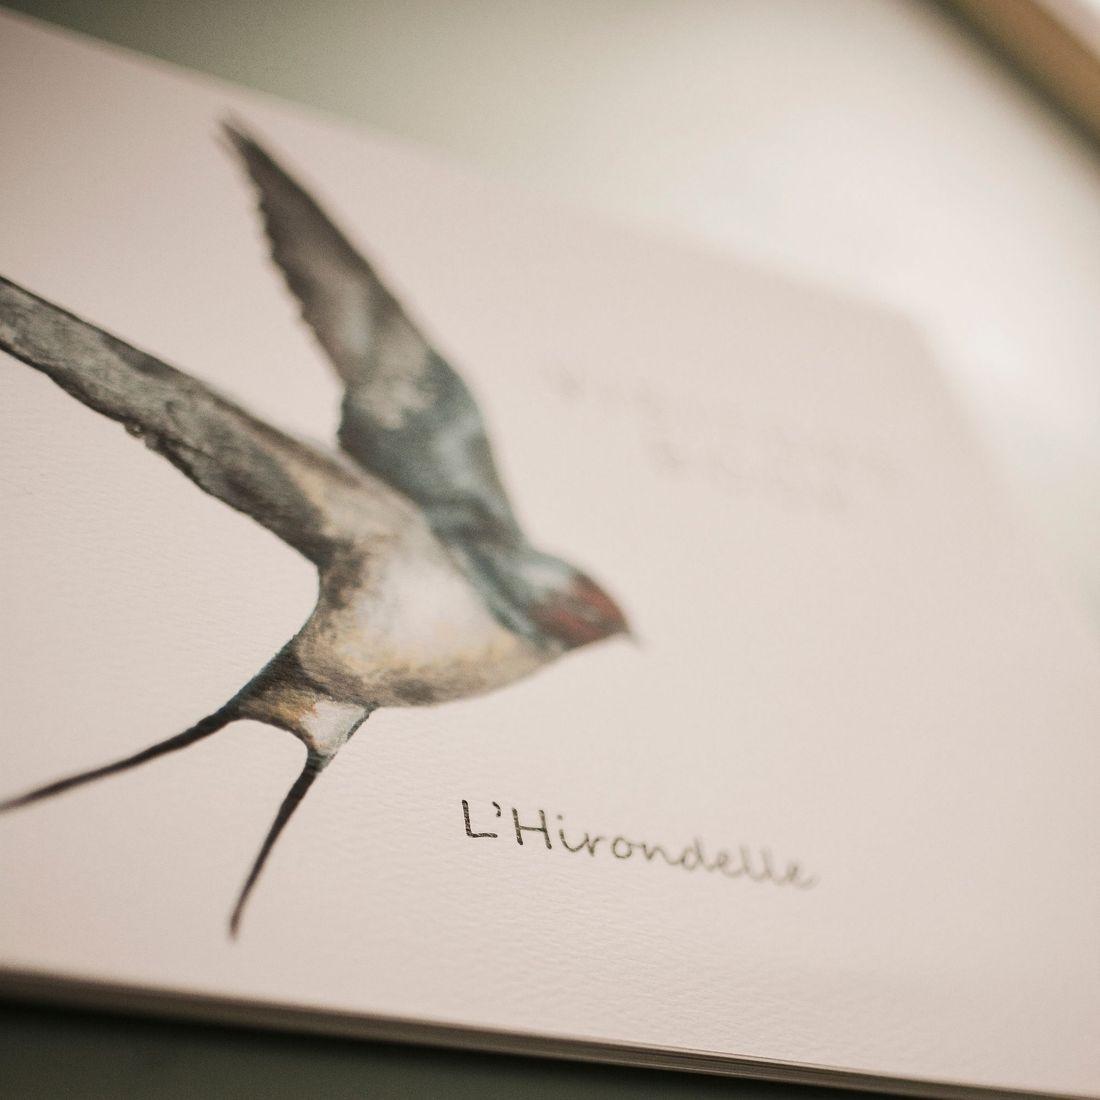 L'Hirondelle guest book